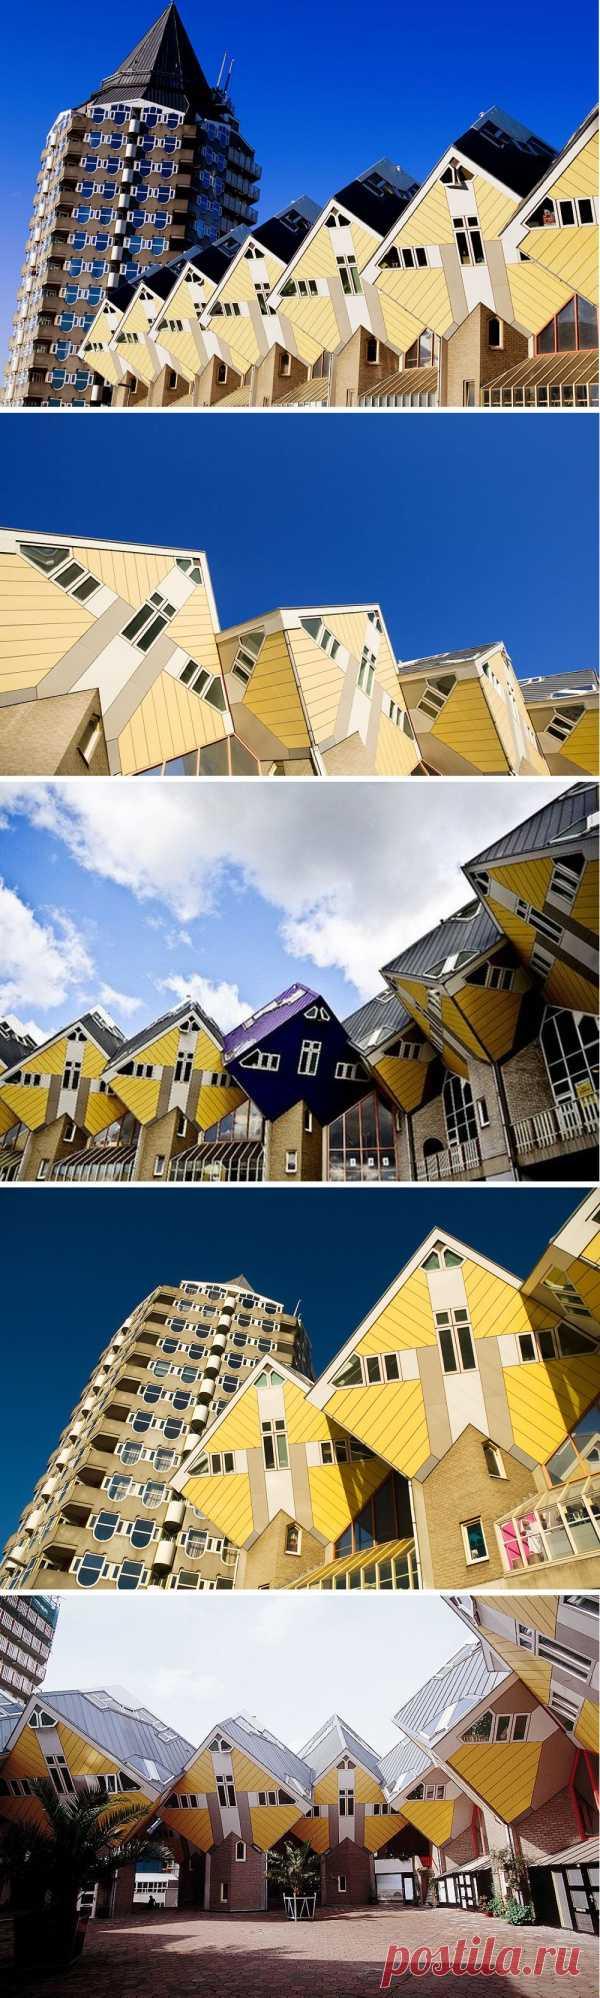 Кубические дома. И здесь живут люди? Роттердам, Нидерланды